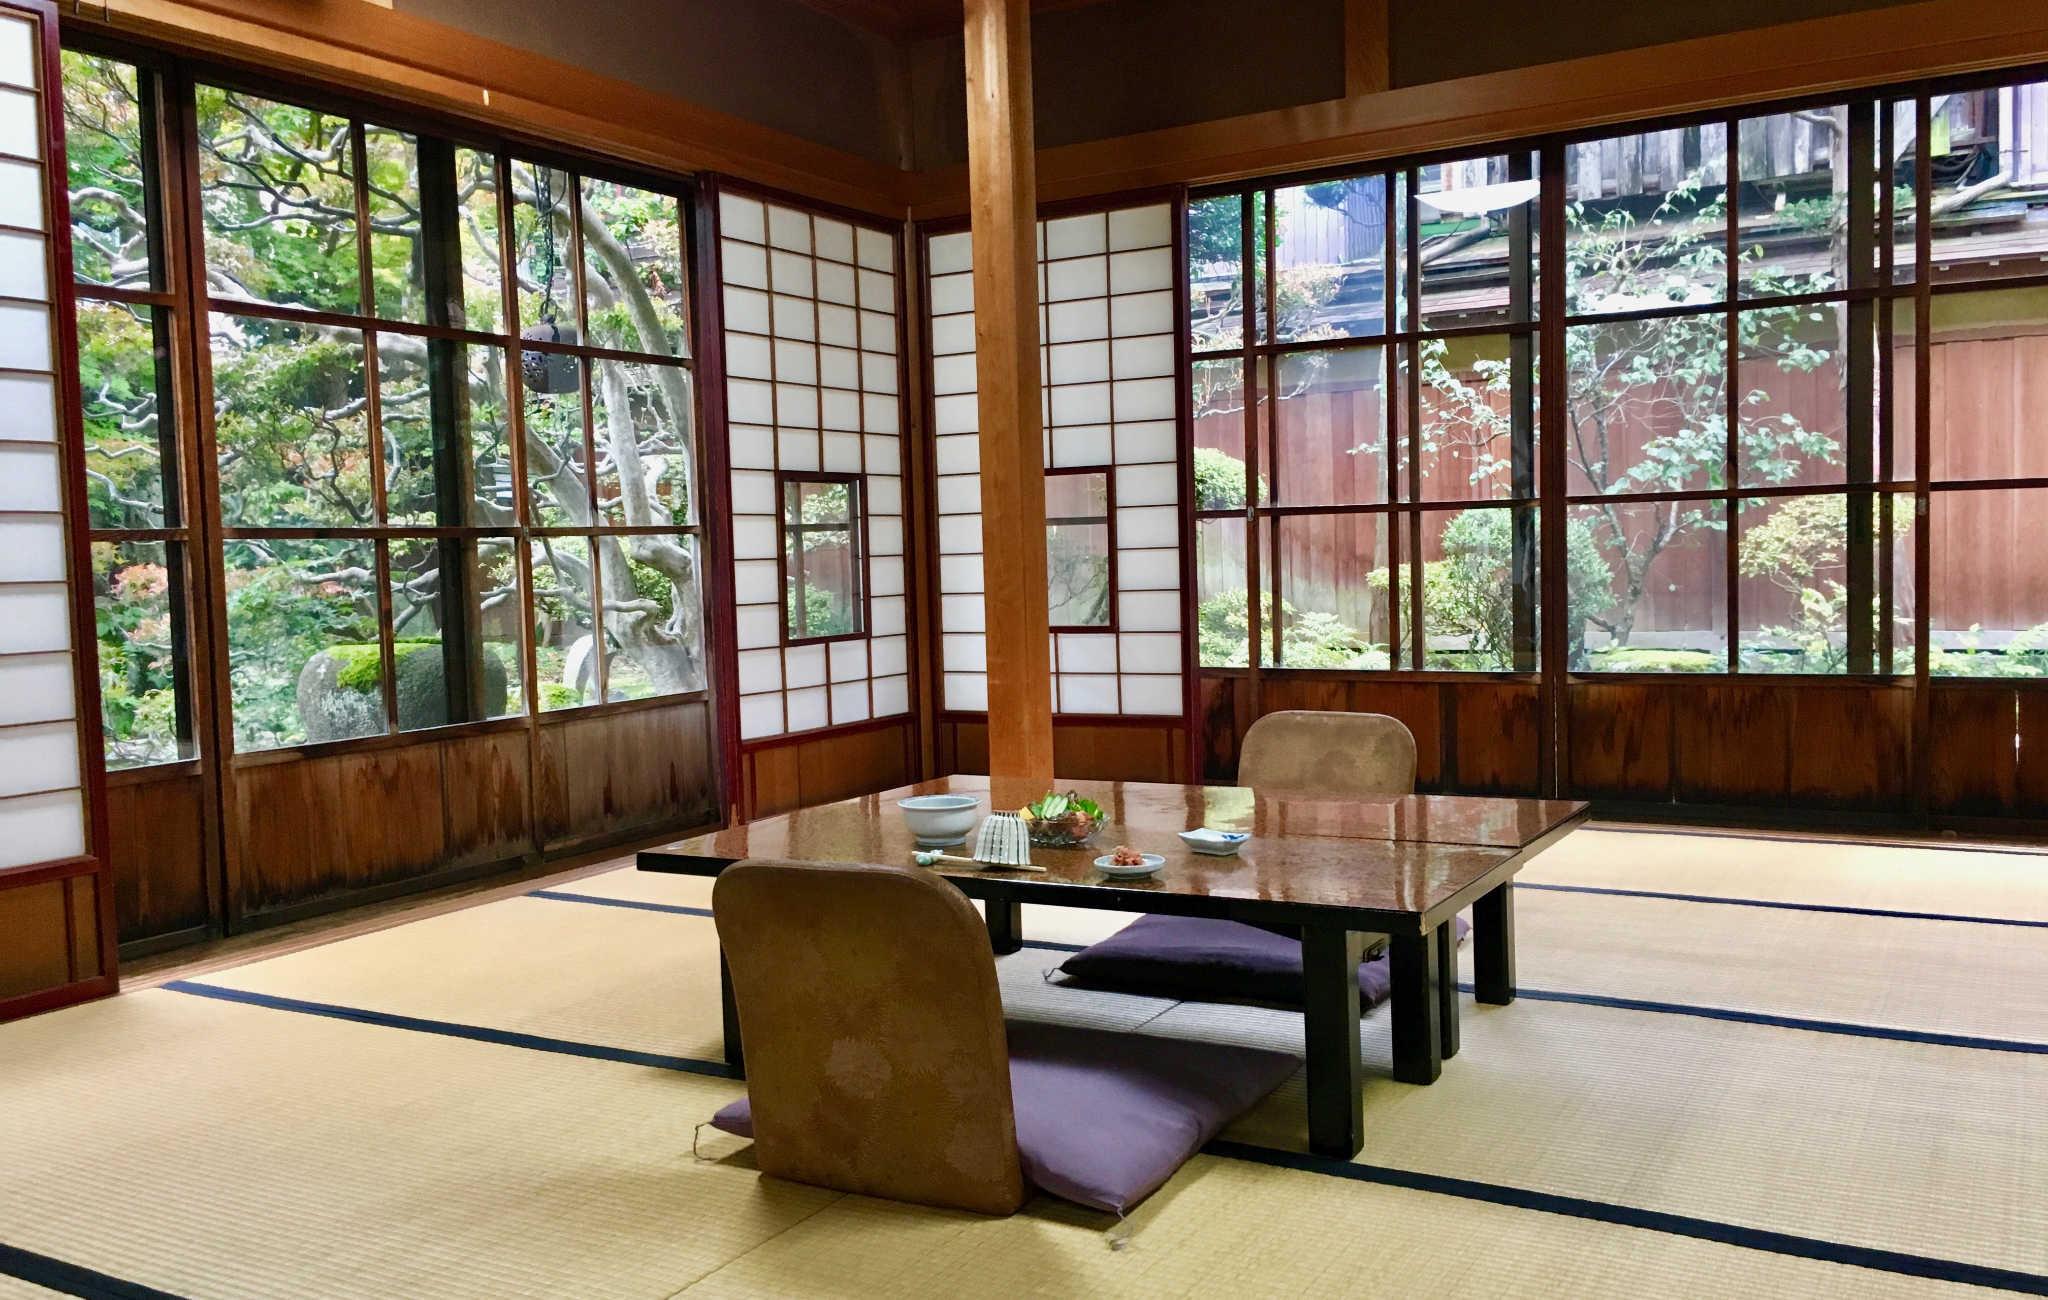 Magnifique salle avec tatamis au sol et vue sur un petit jardin